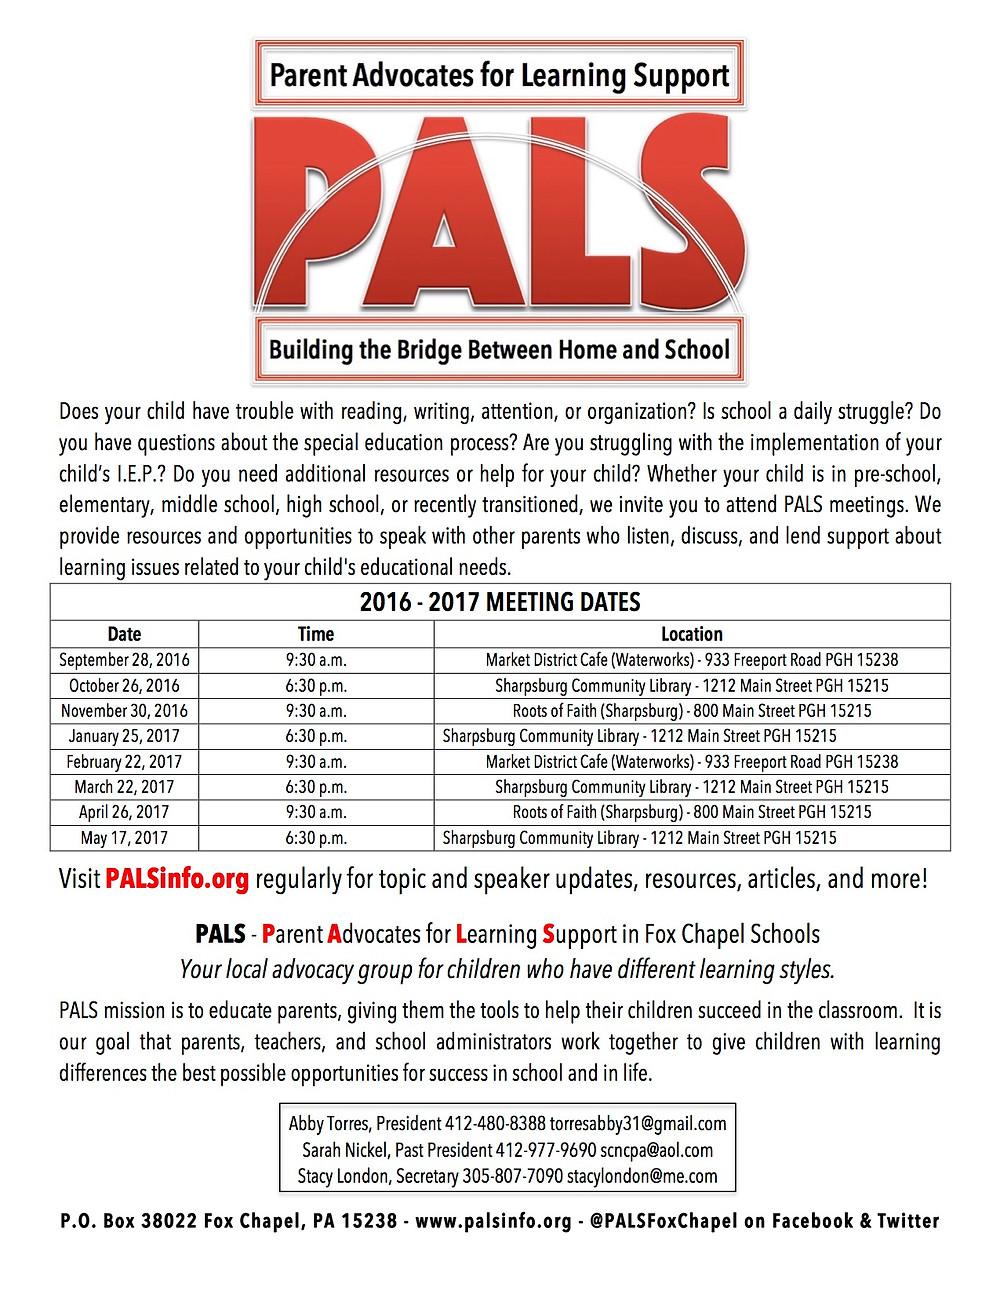 PALS 2016-2017 Meeting Schedule